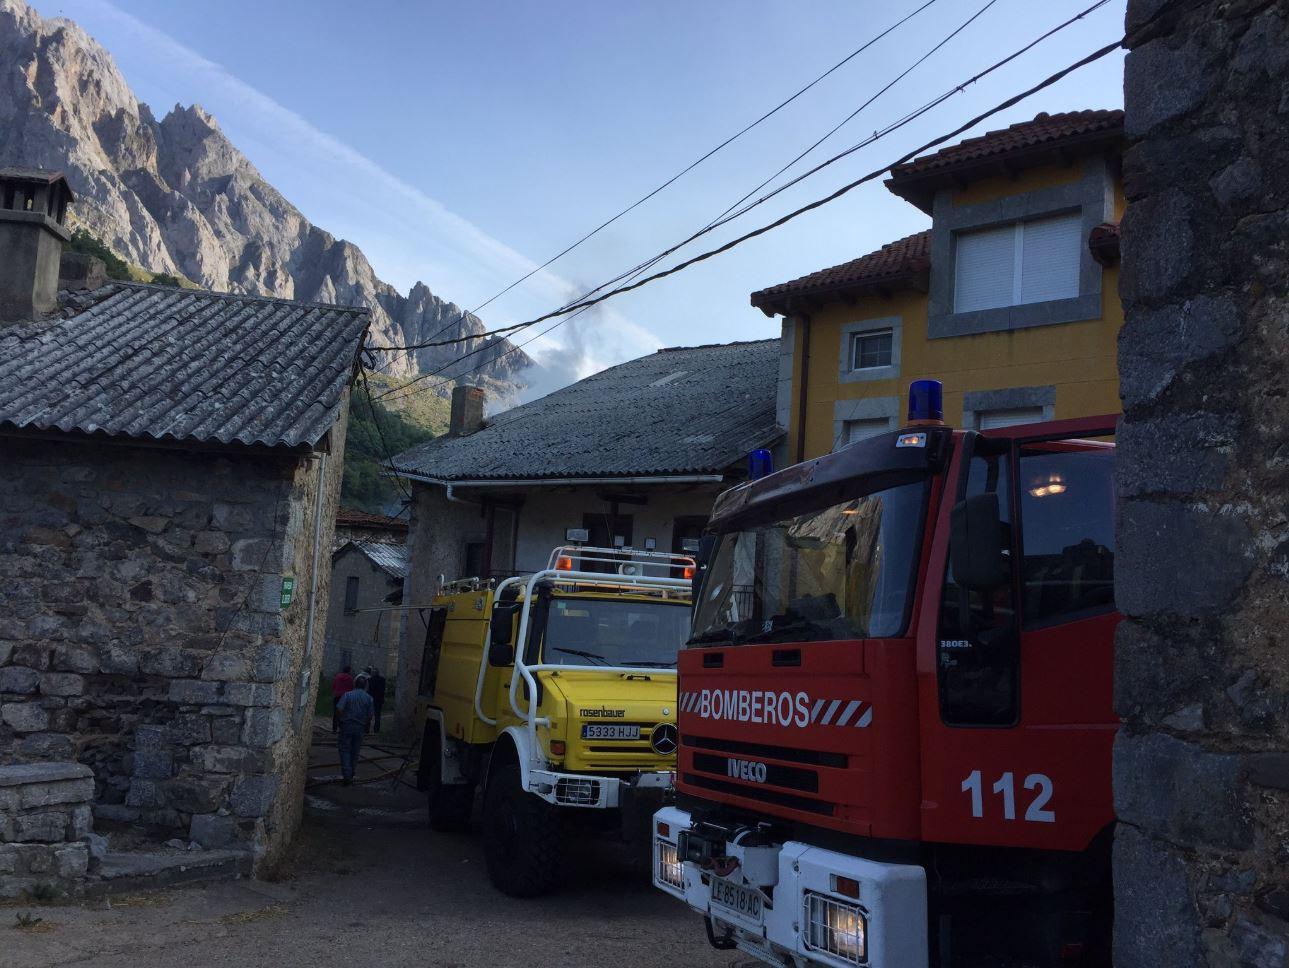 incendio bomberos valdeon picos leon